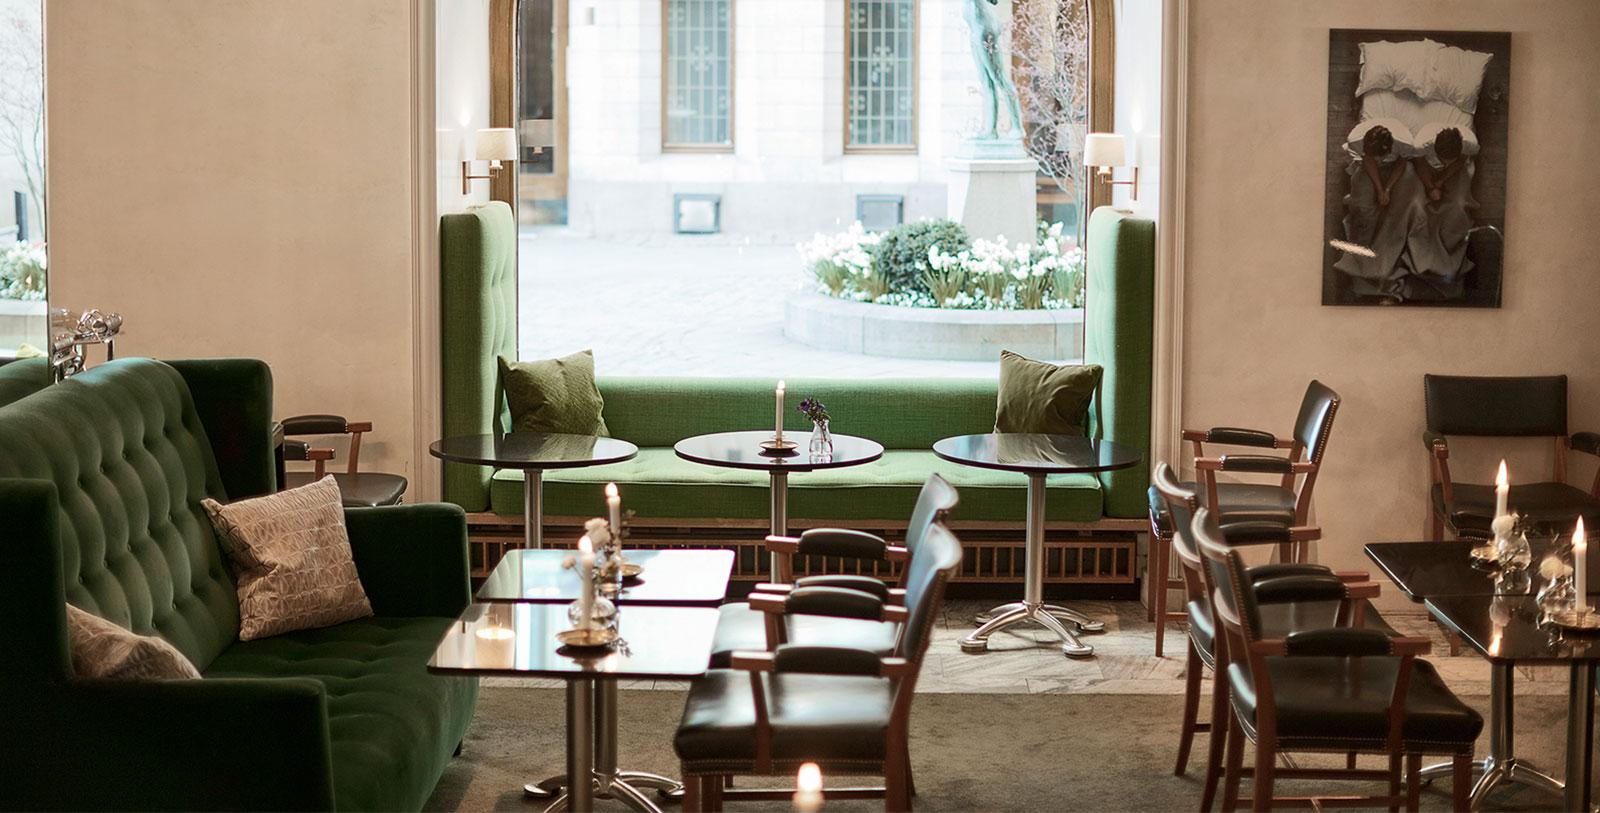 Image of Hotel's Restaurant, Hotel Diplomat, Stockholm Sweden, Dining